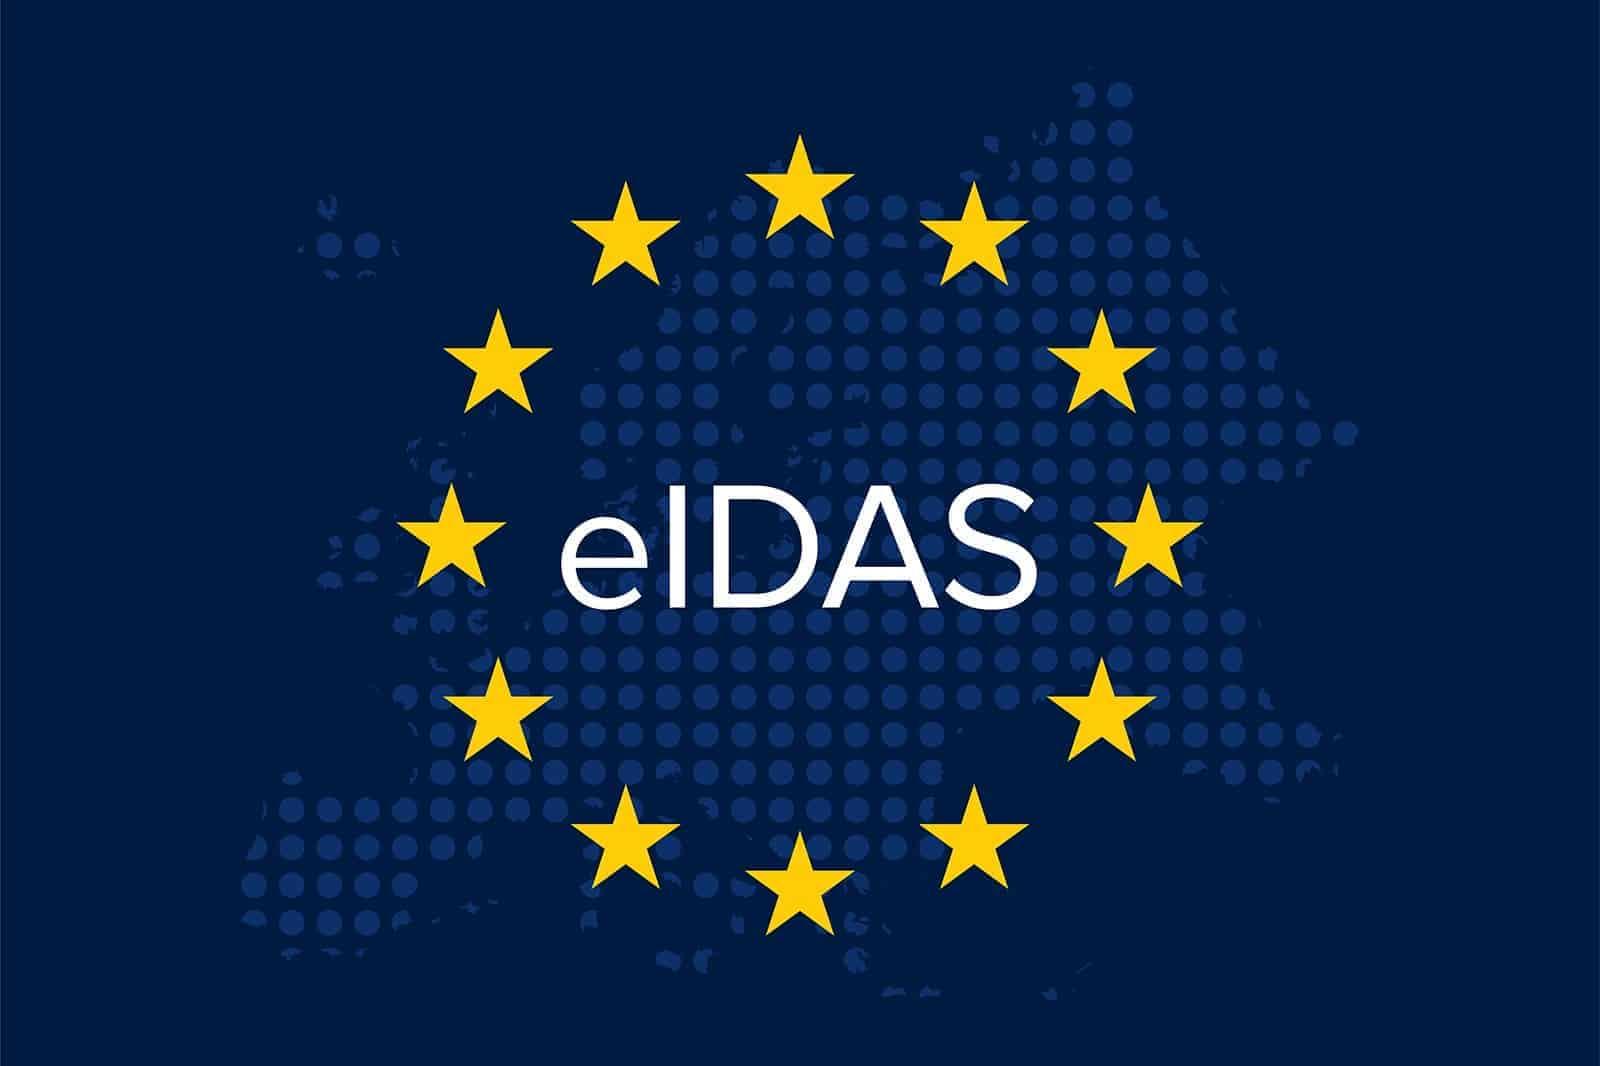 eIDAS – europeiska medborgare ska erbjudas inloggning